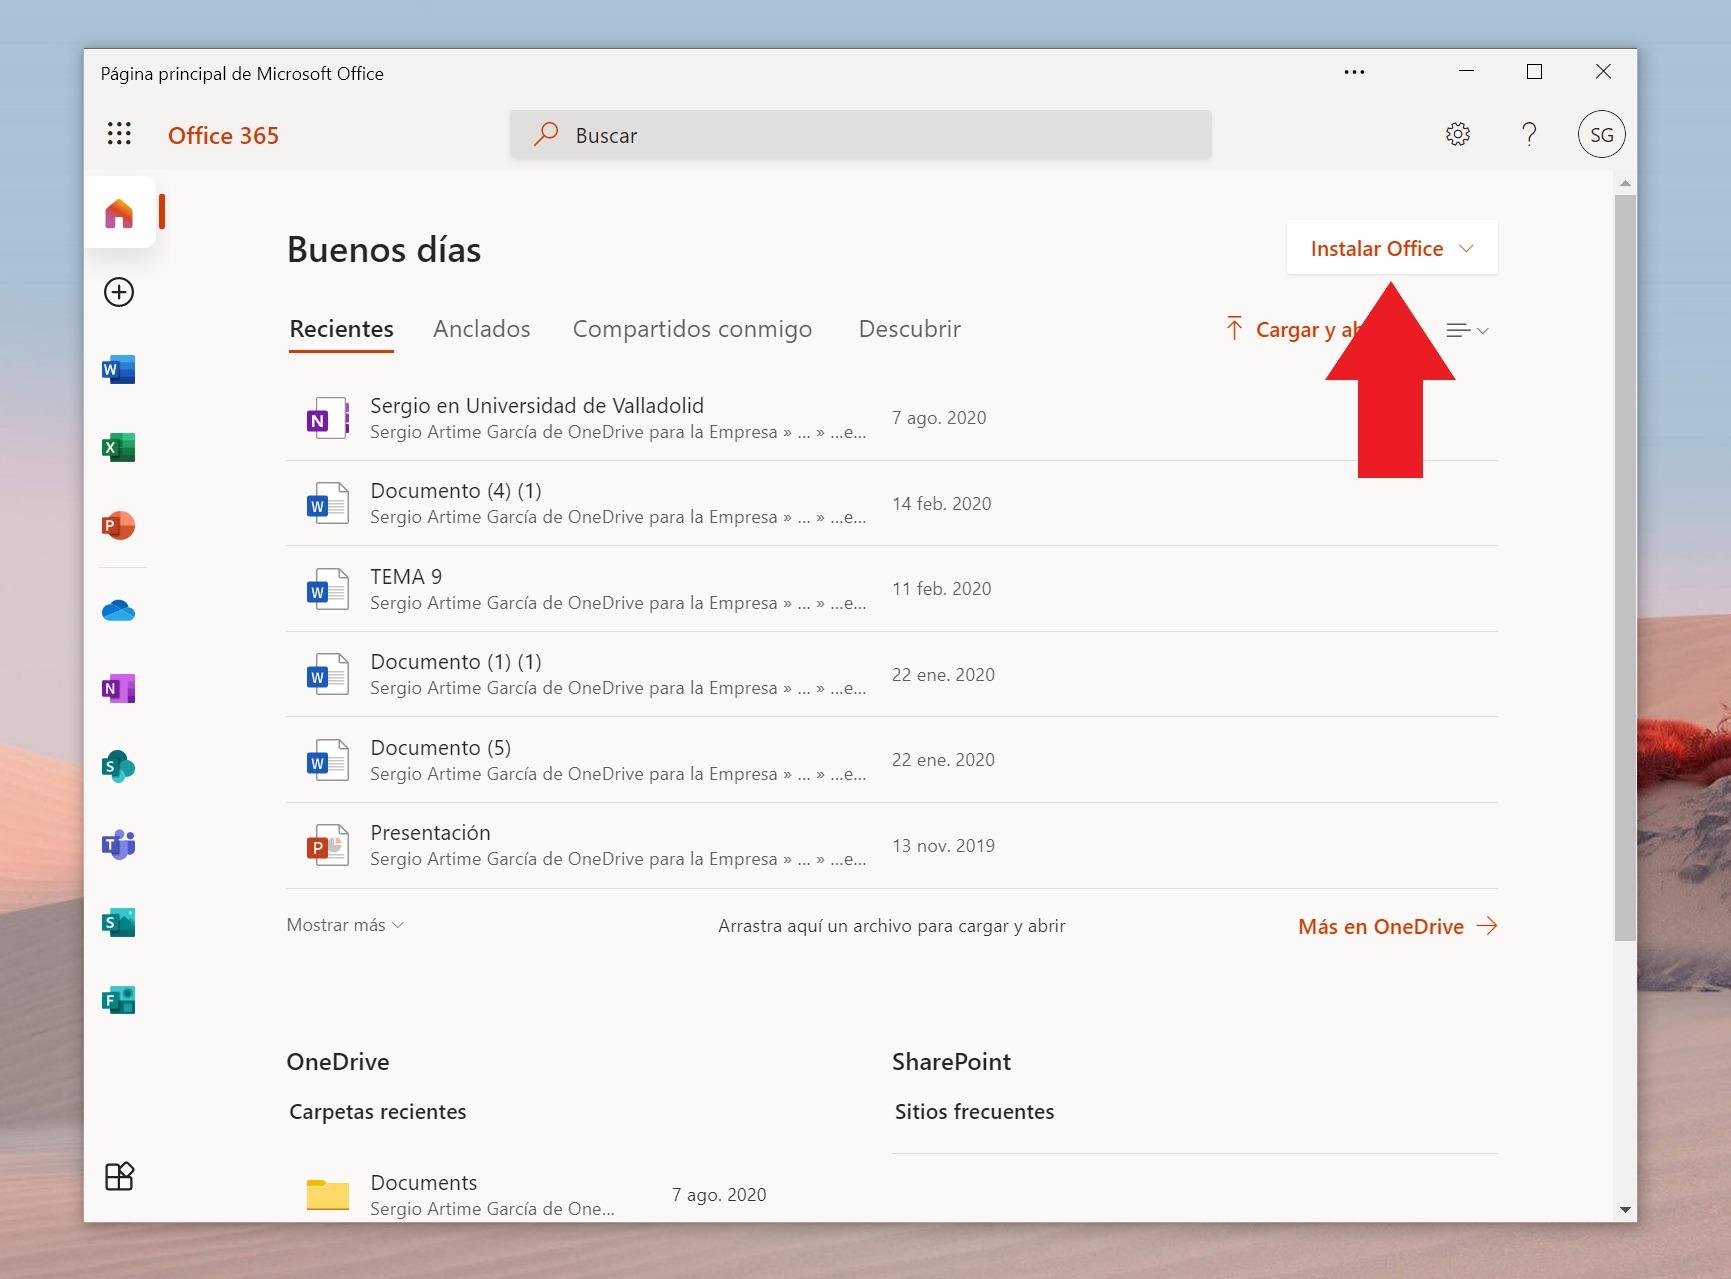 Site Web Office 365, à partir duquel nous pouvons installer Office gratuitement pour les centres éducatifs